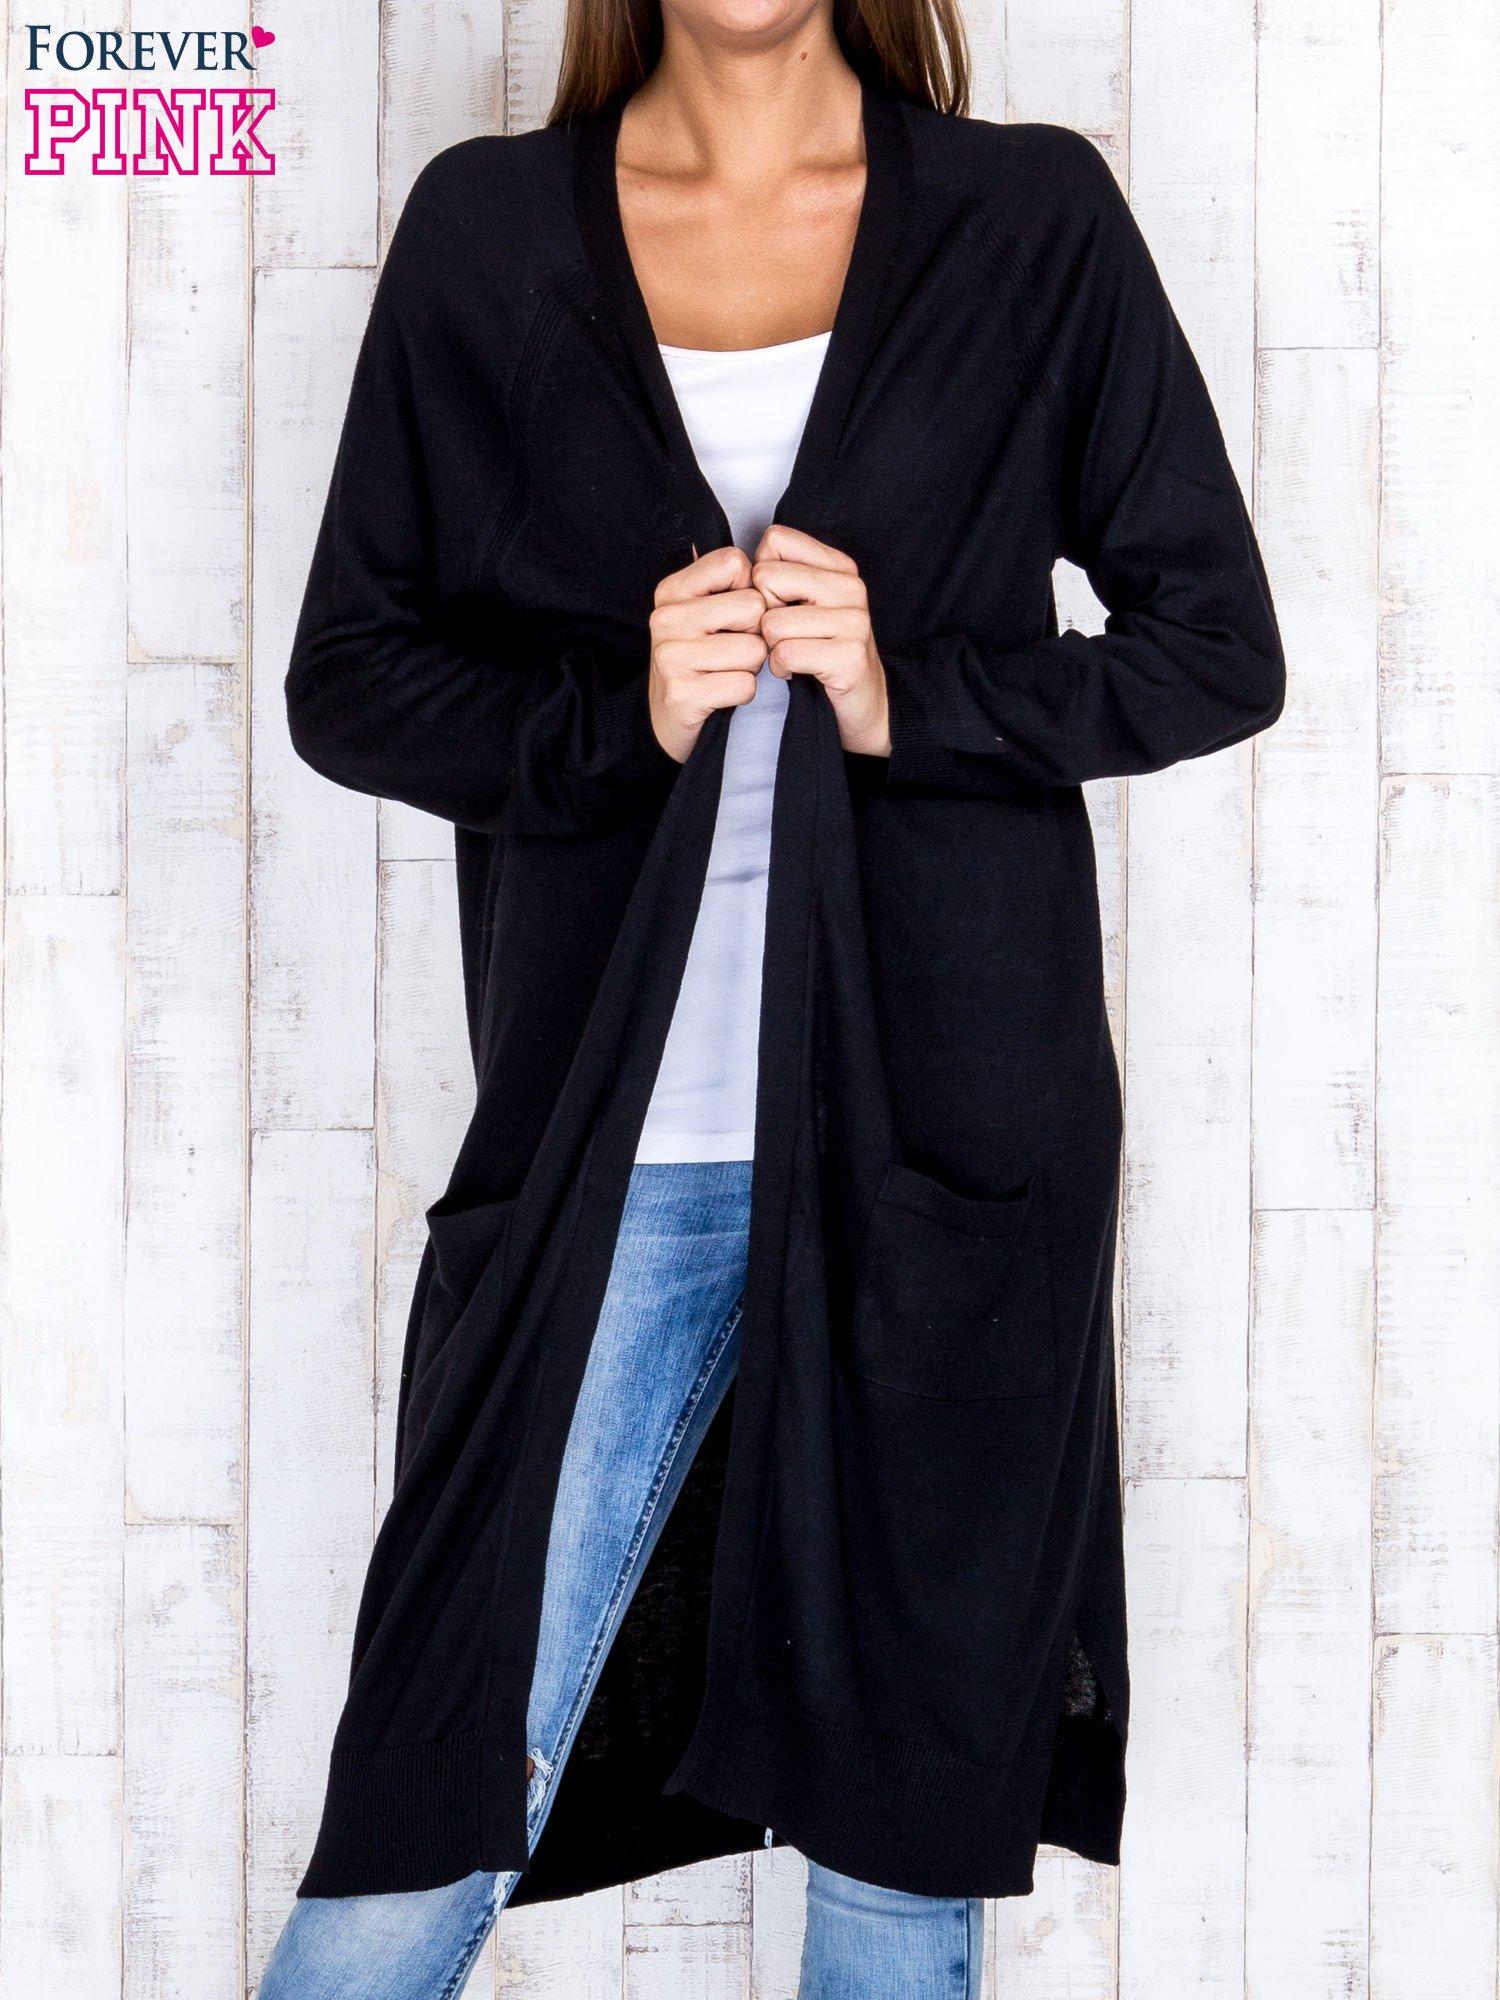 Czarny długi sweter z ażurowym zdobieniem szwów                                  zdj.                                  1